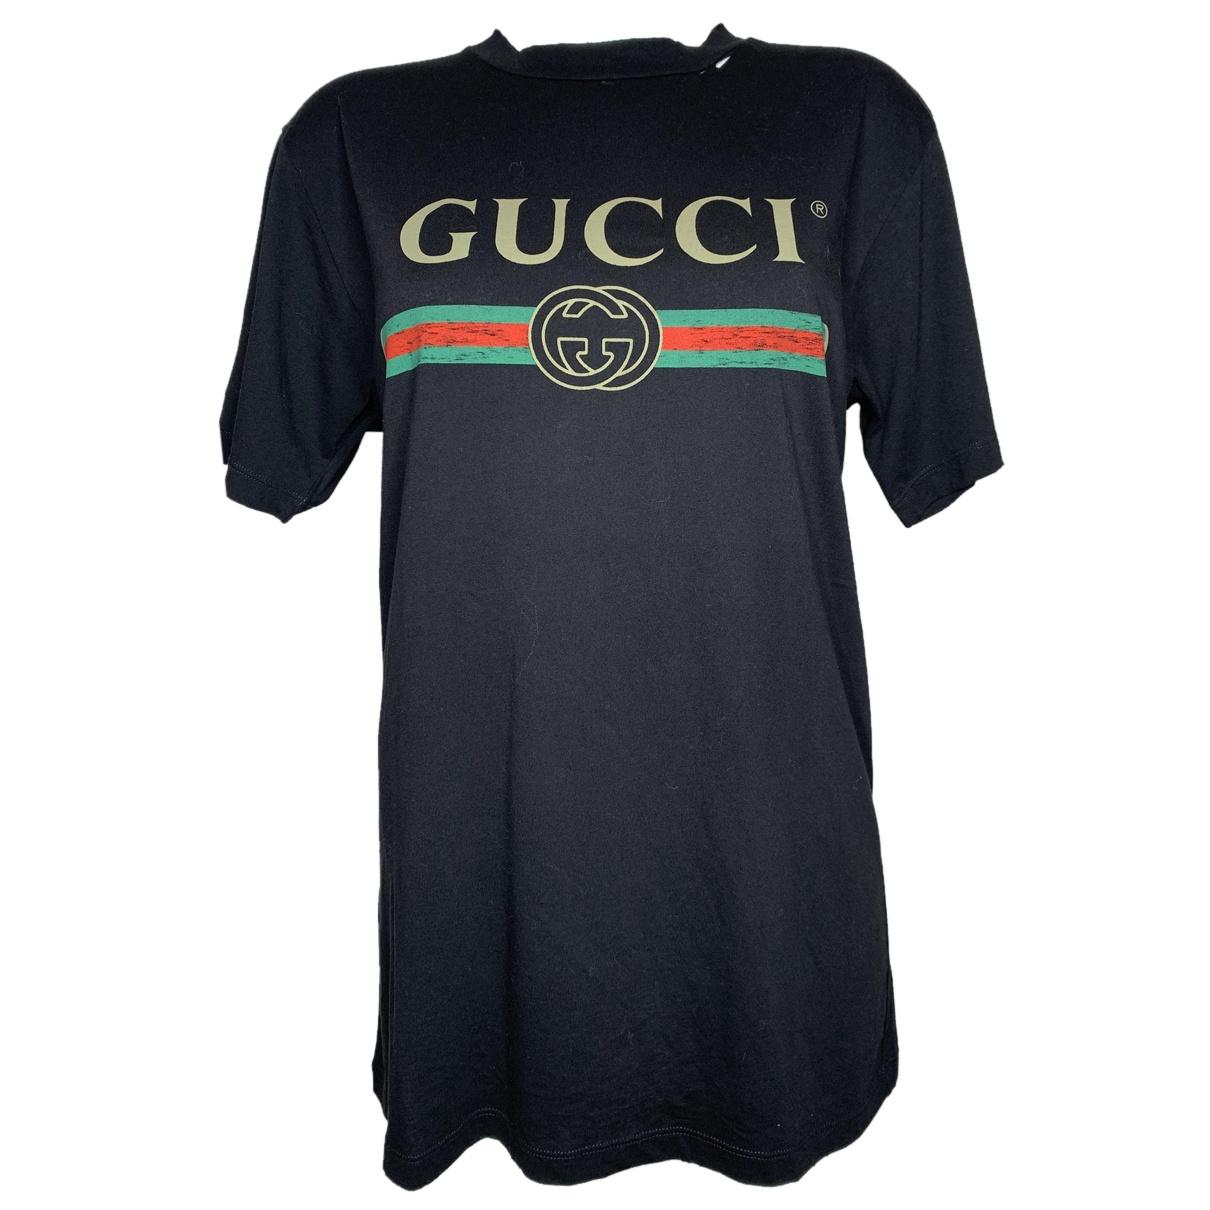 Gucci \N Top in  Schwarz Baumwolle